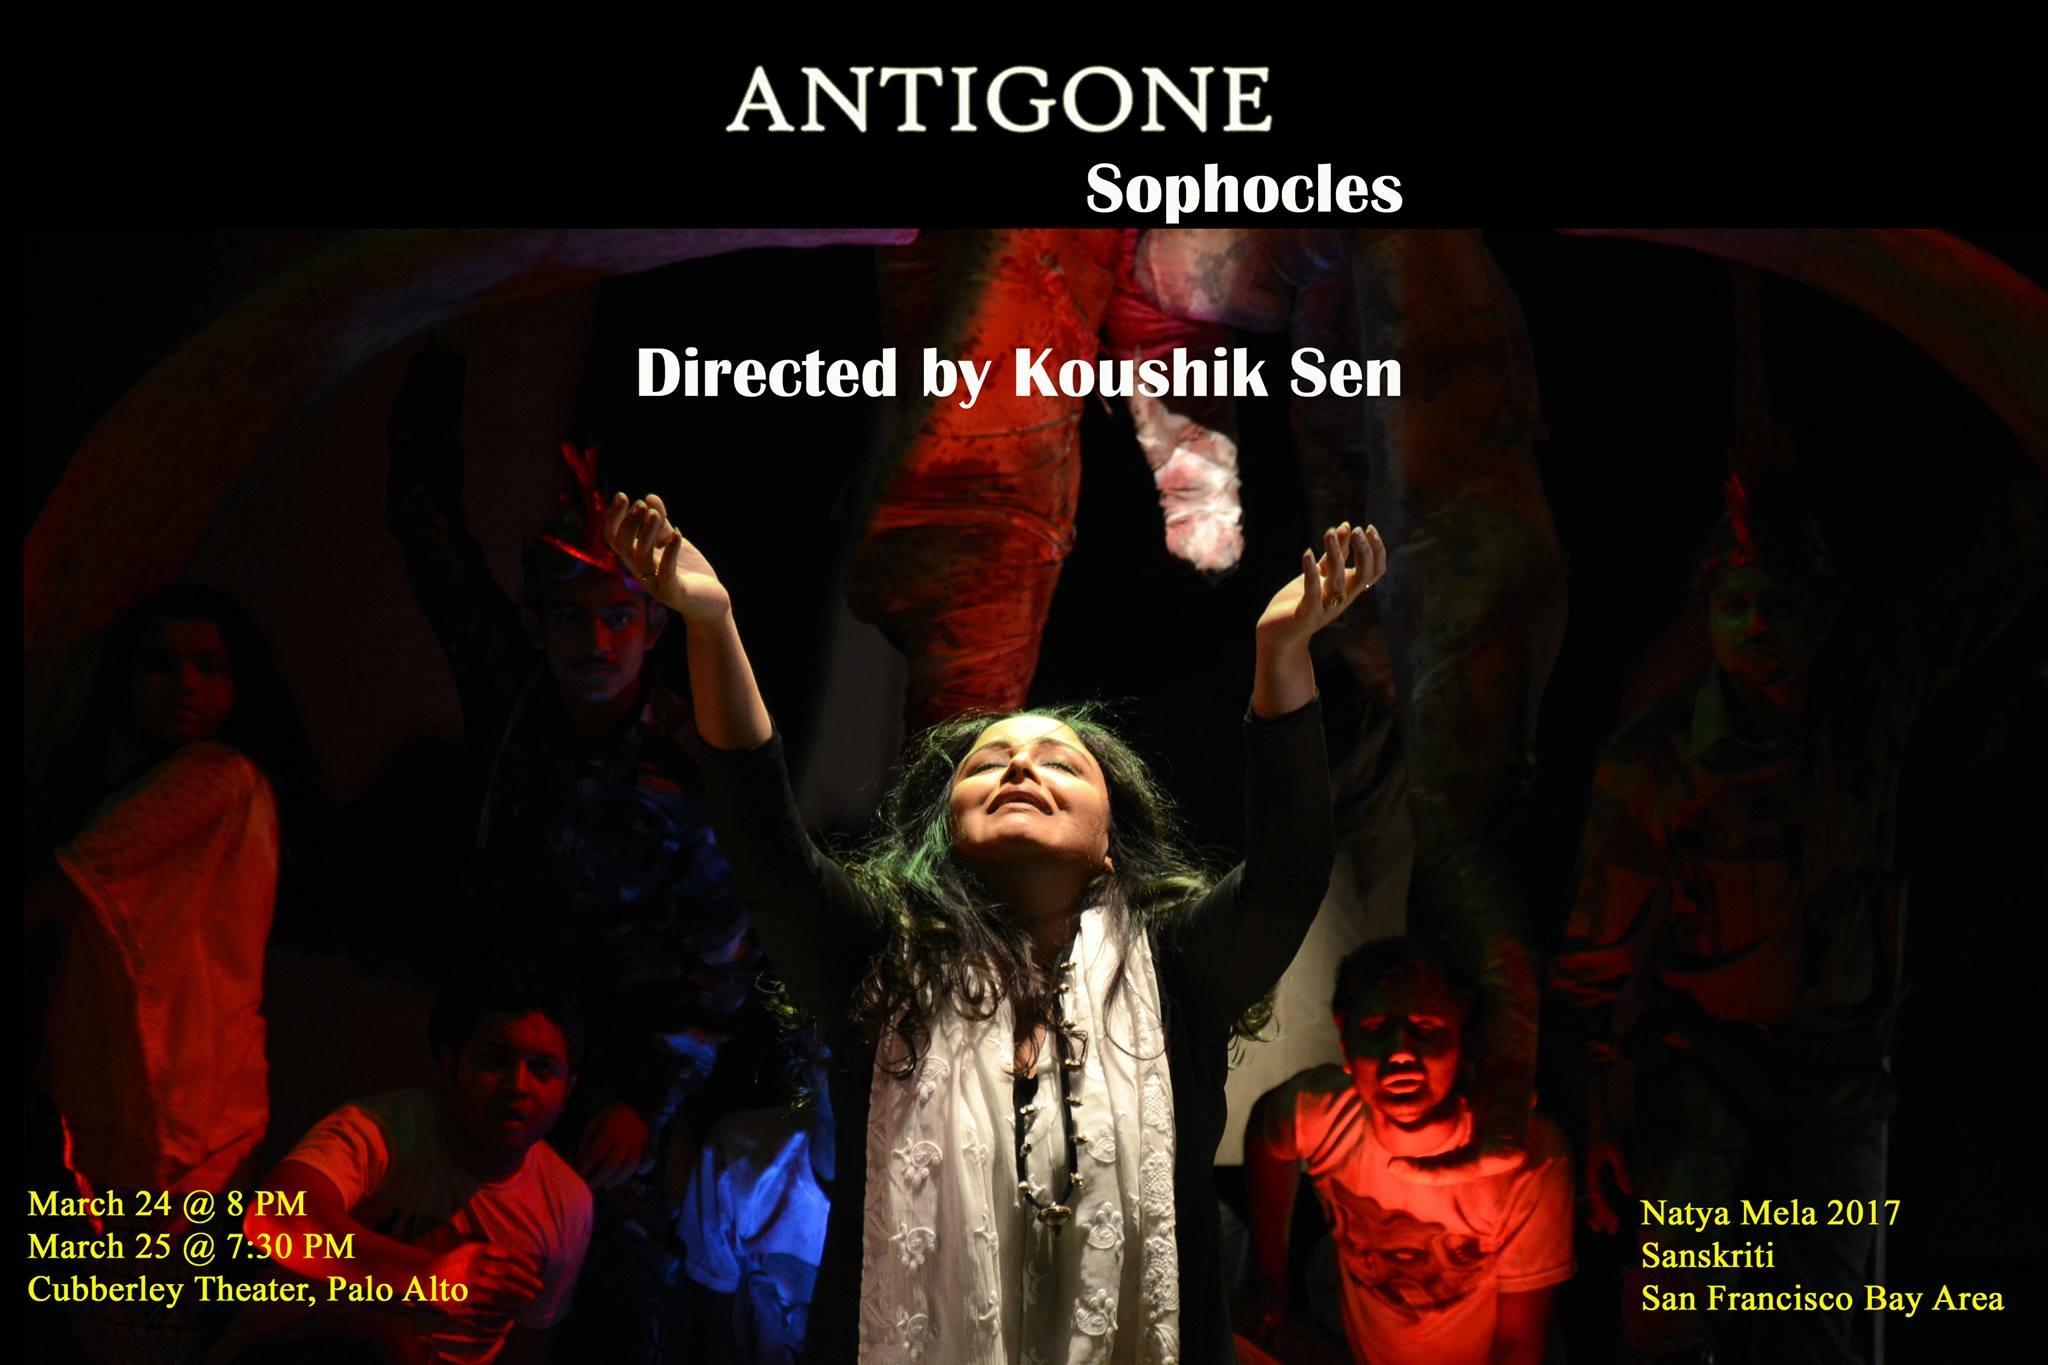 Antegone